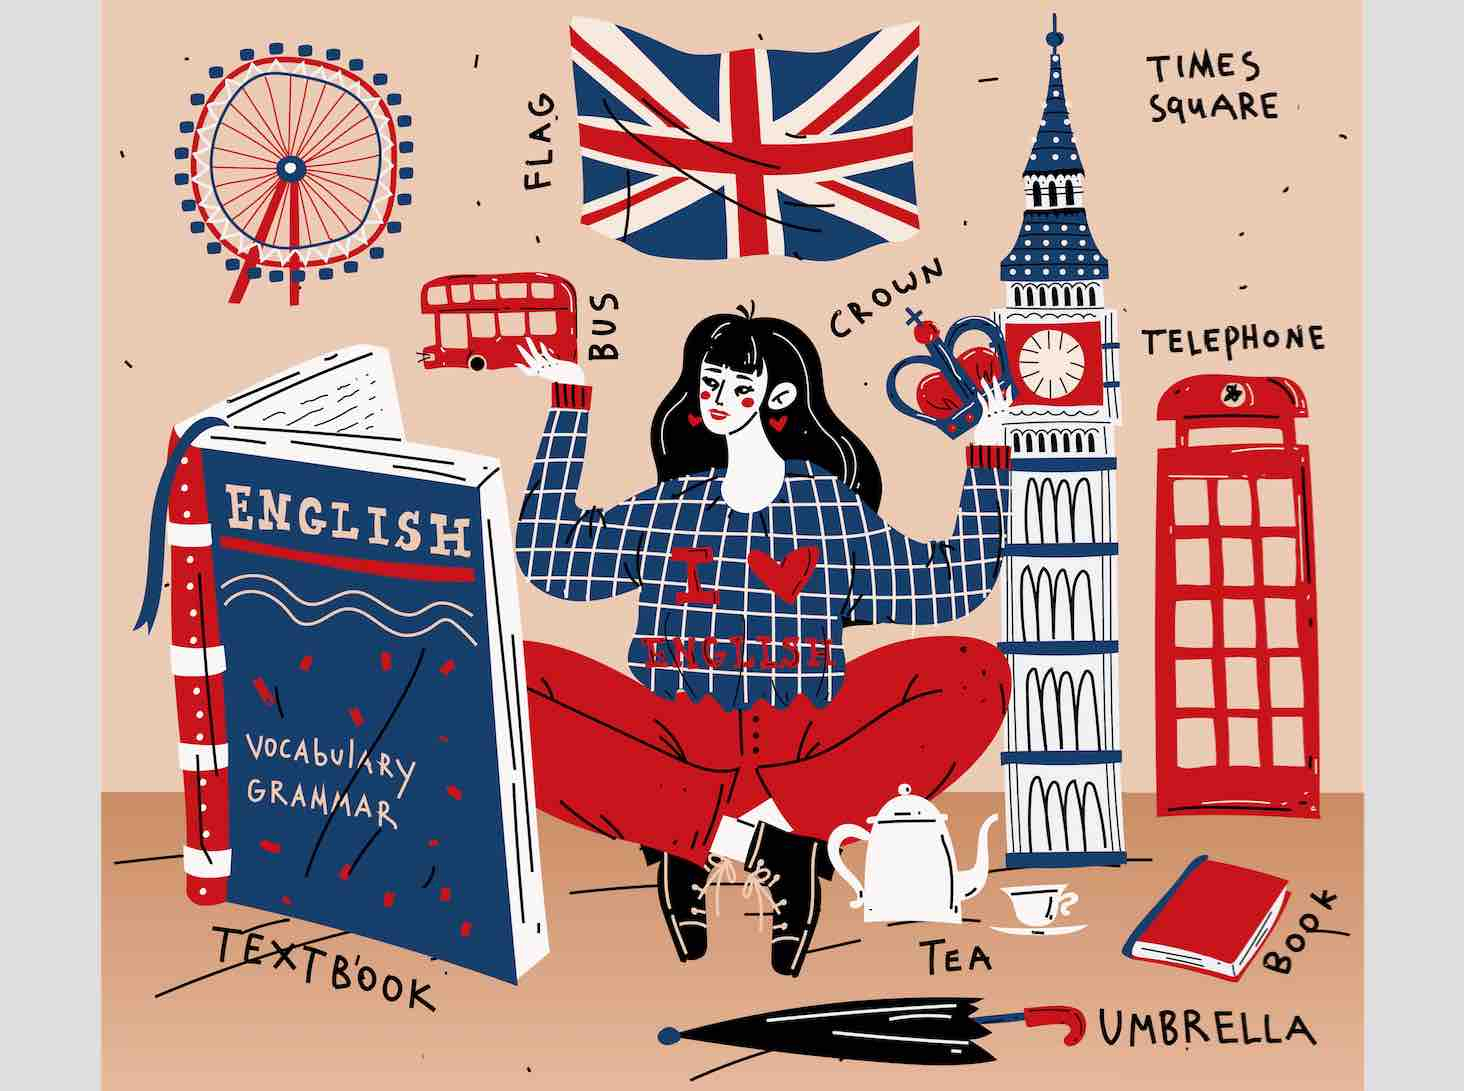 Comment Les Français Jugent-Ils Leur Niveau D'anglais? | Cb concernant Grimper En Anglais